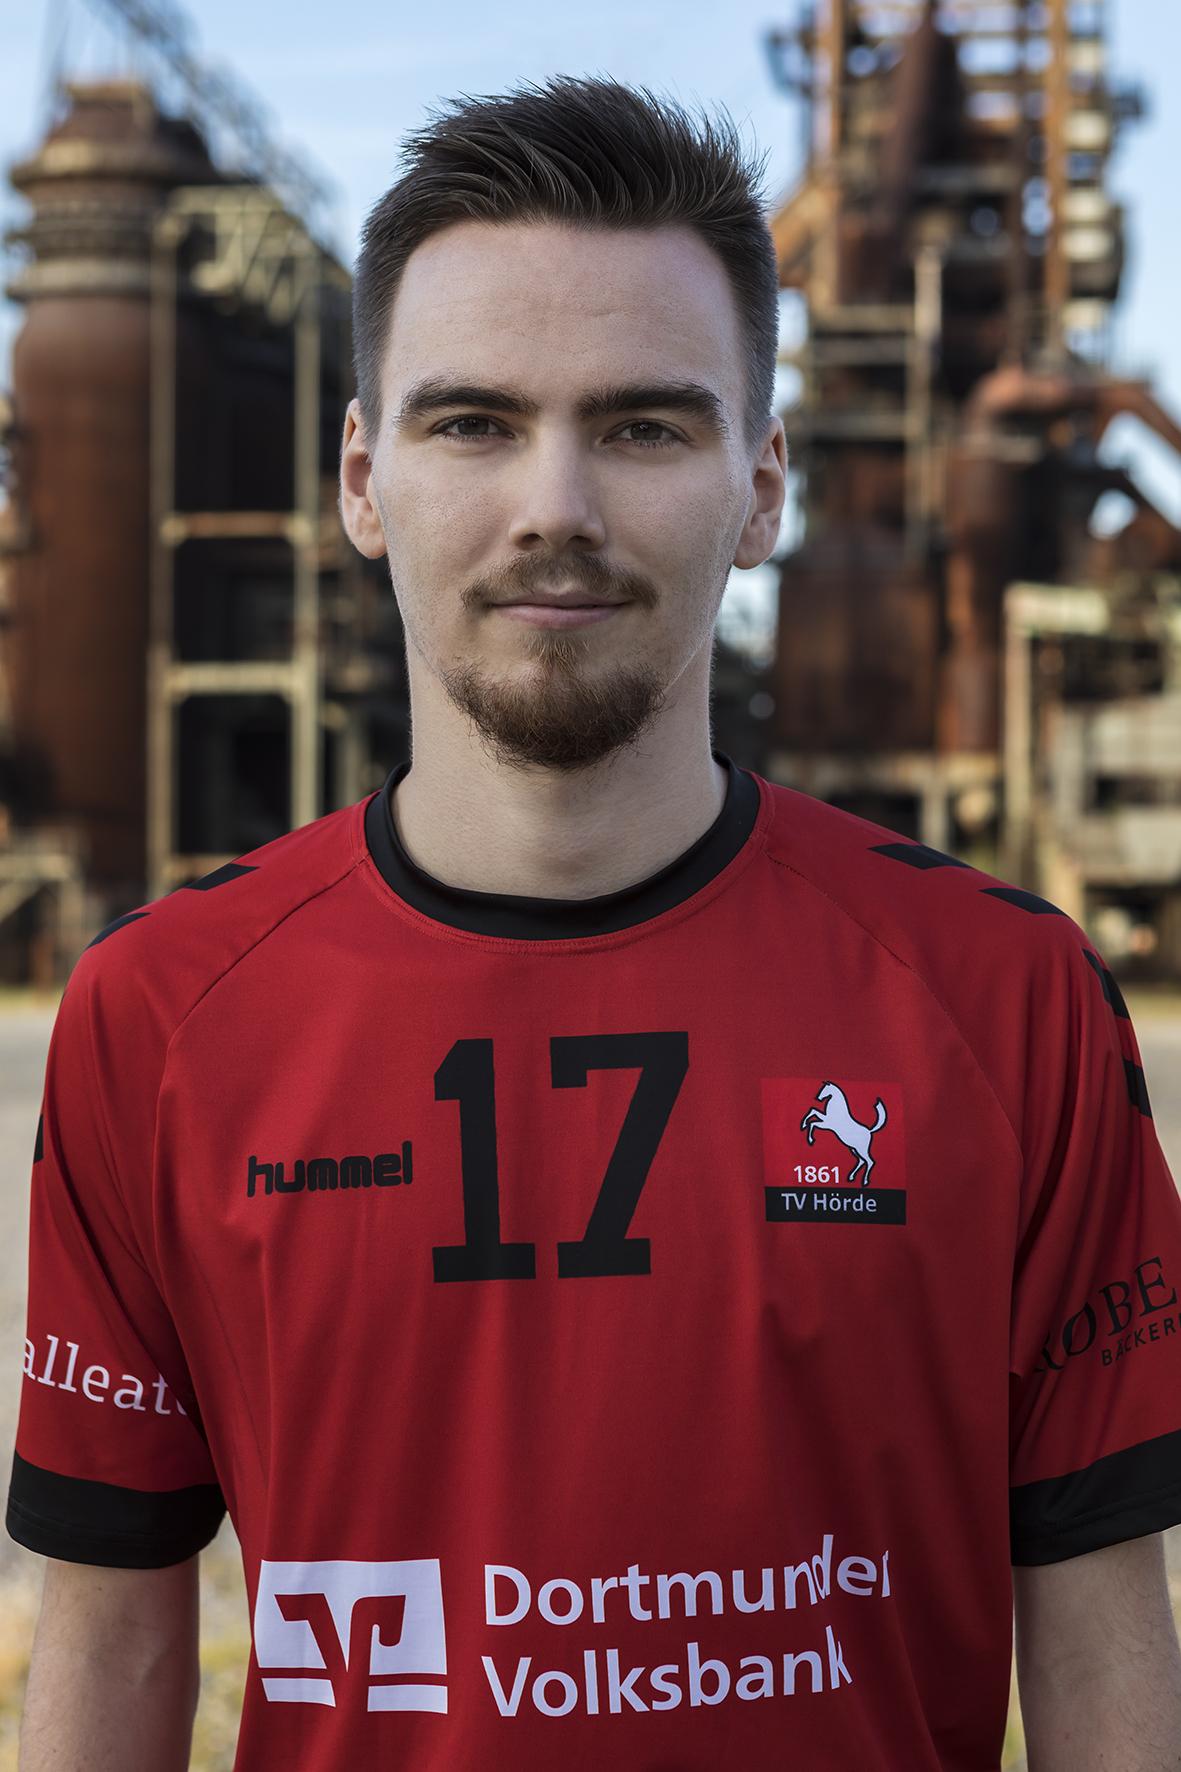 17 - Leon Voswinkel